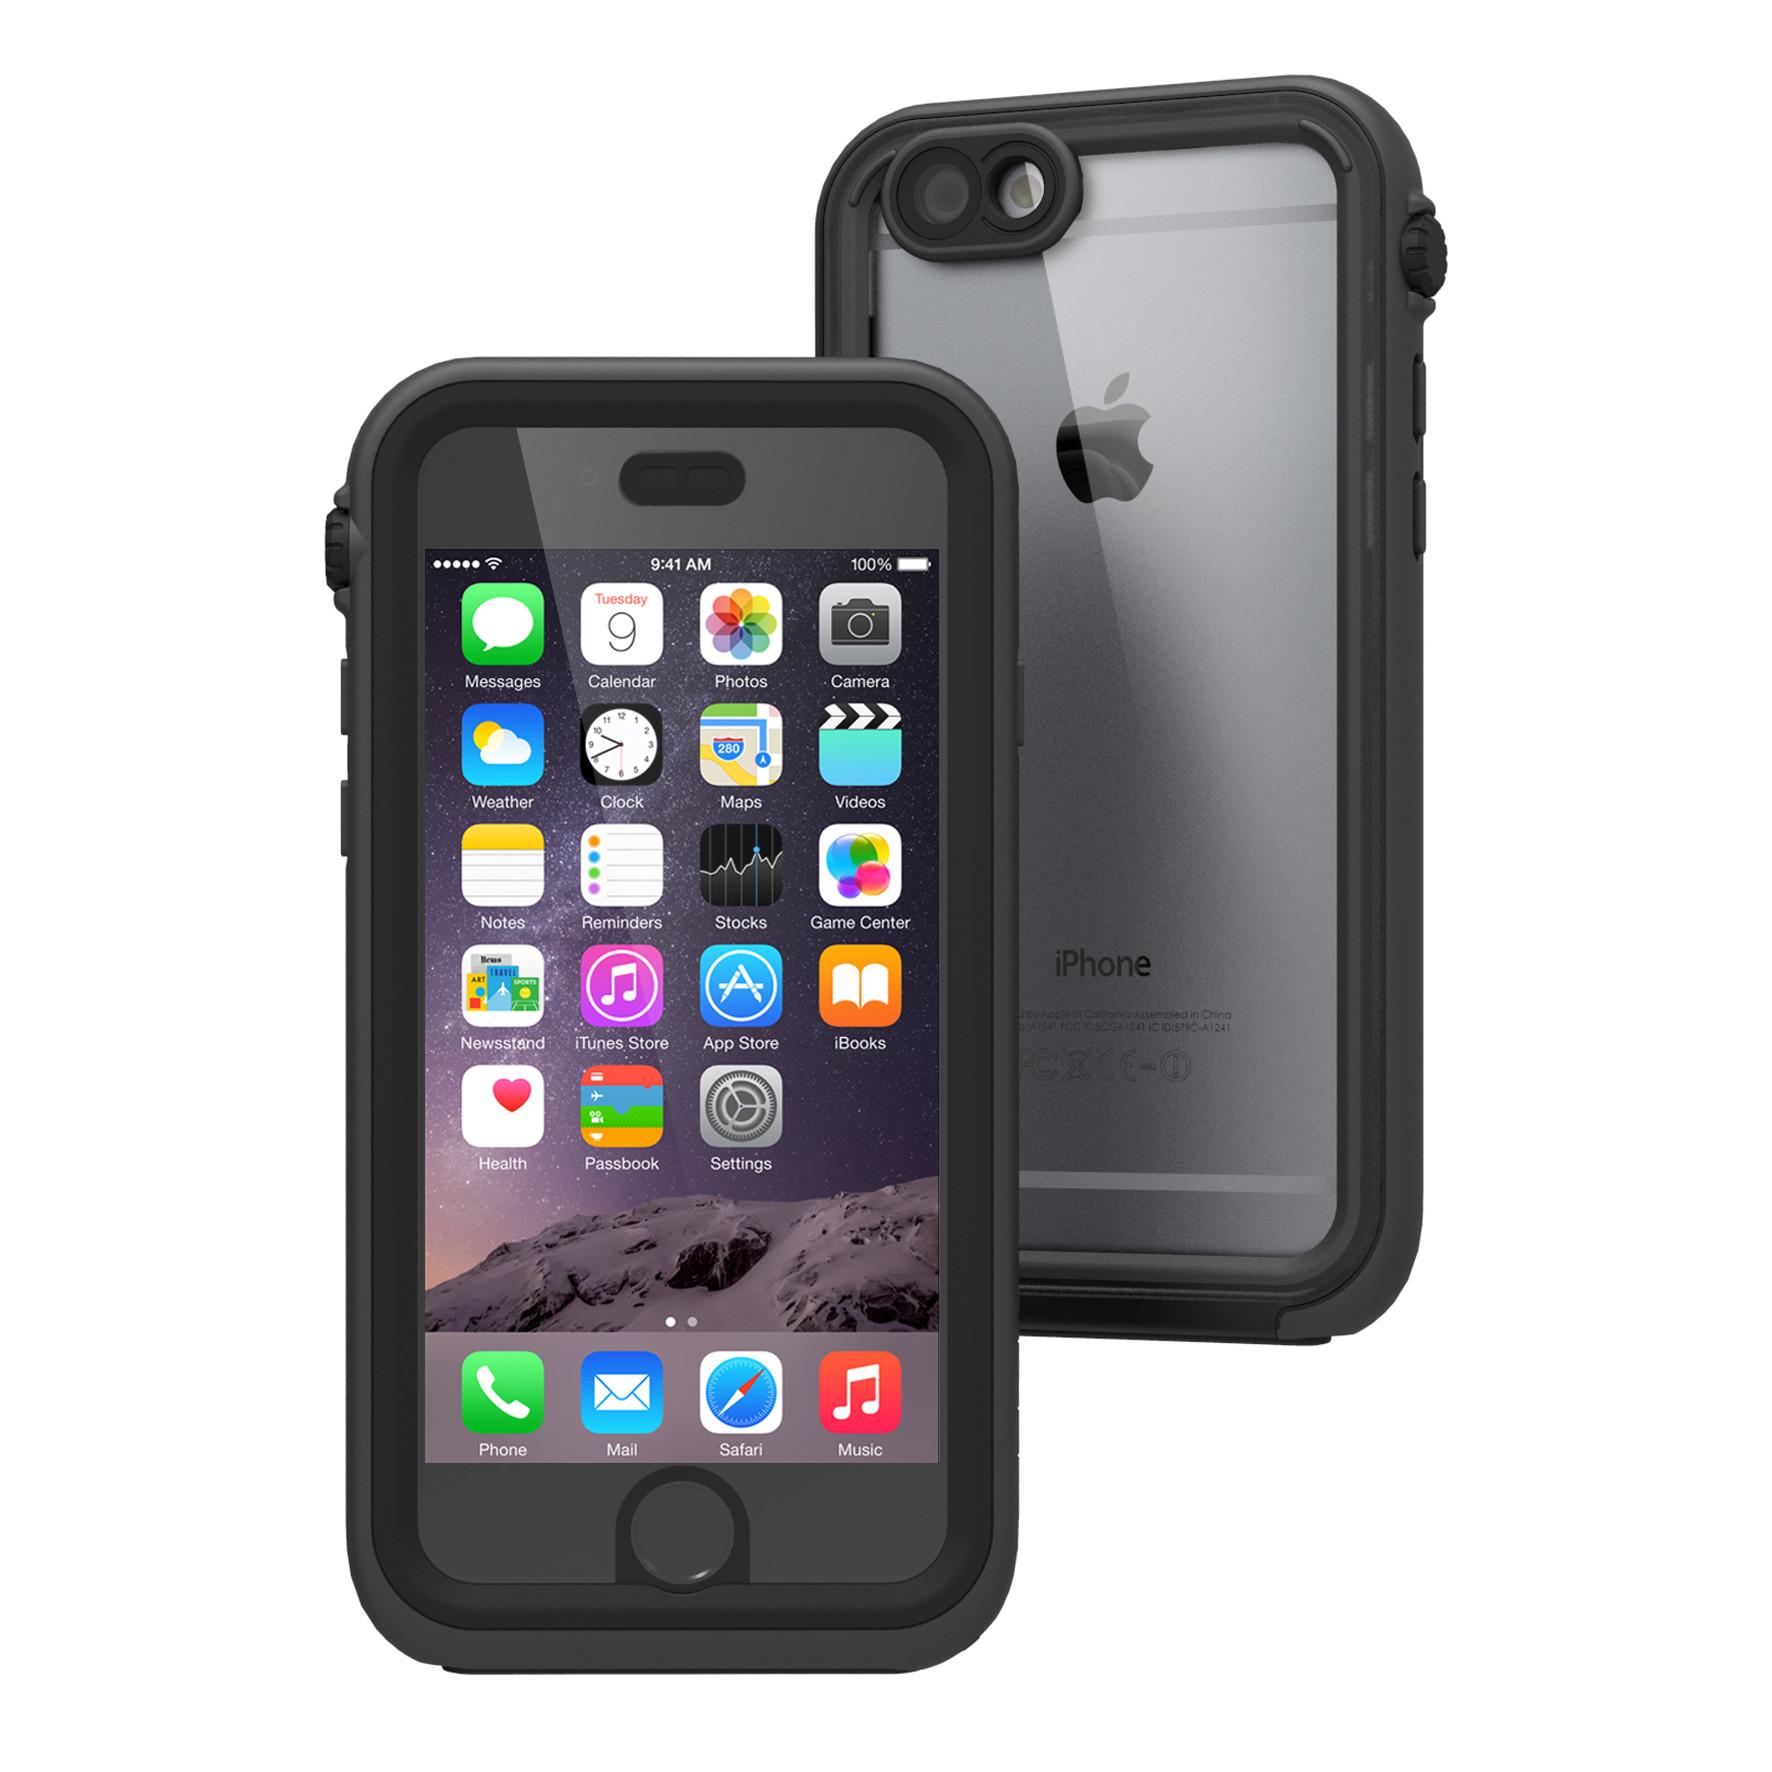 Αδιάβροχη Θήκη iPhone 6/6S με TouchID by Catalyst